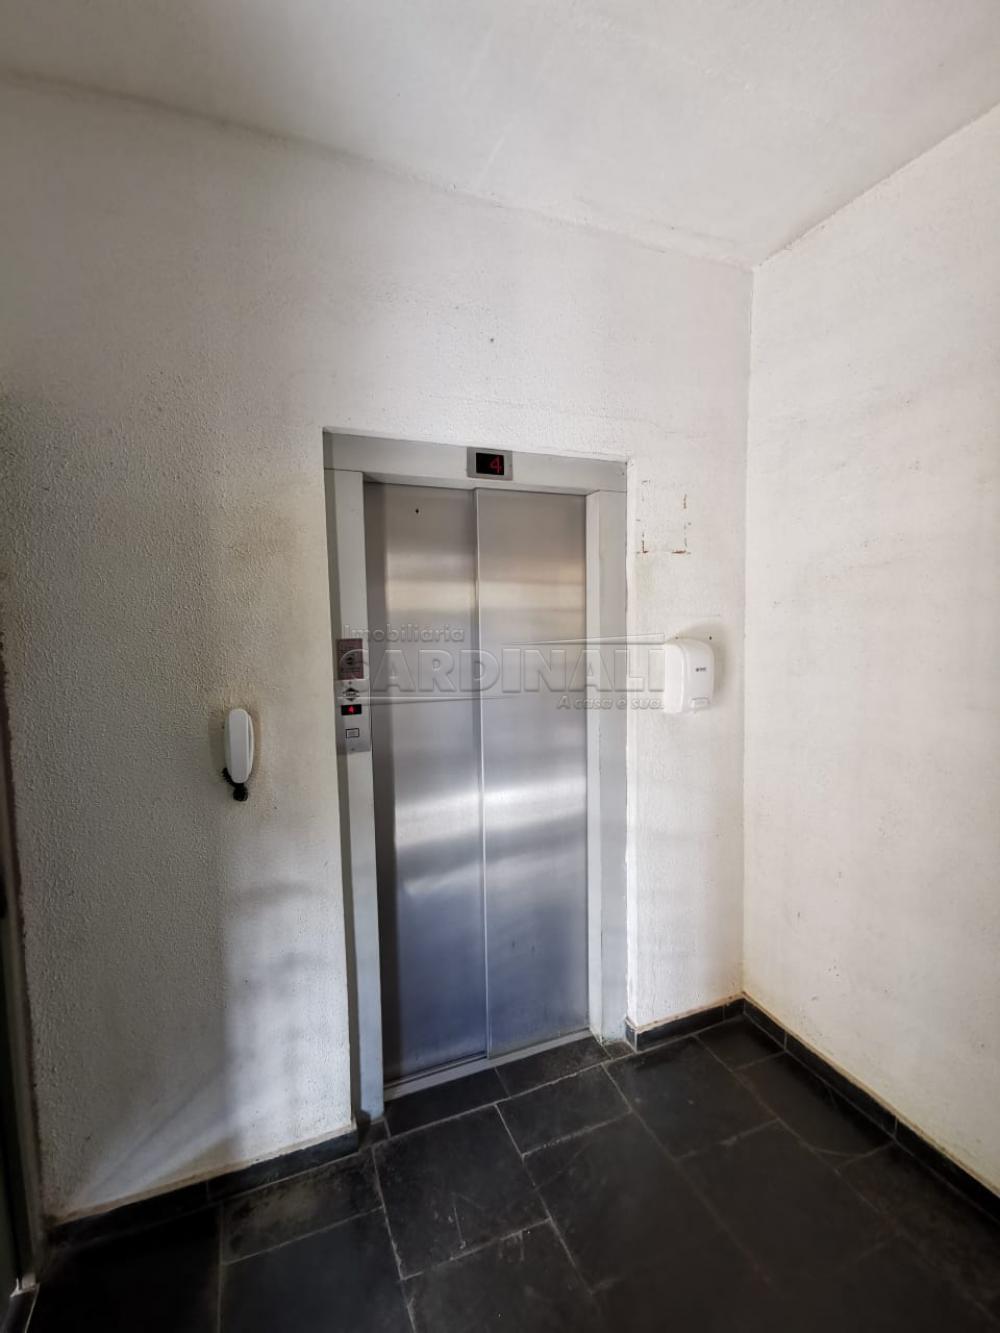 Alugar Apartamento / Padrão em Araraquara R$ 700,00 - Foto 6